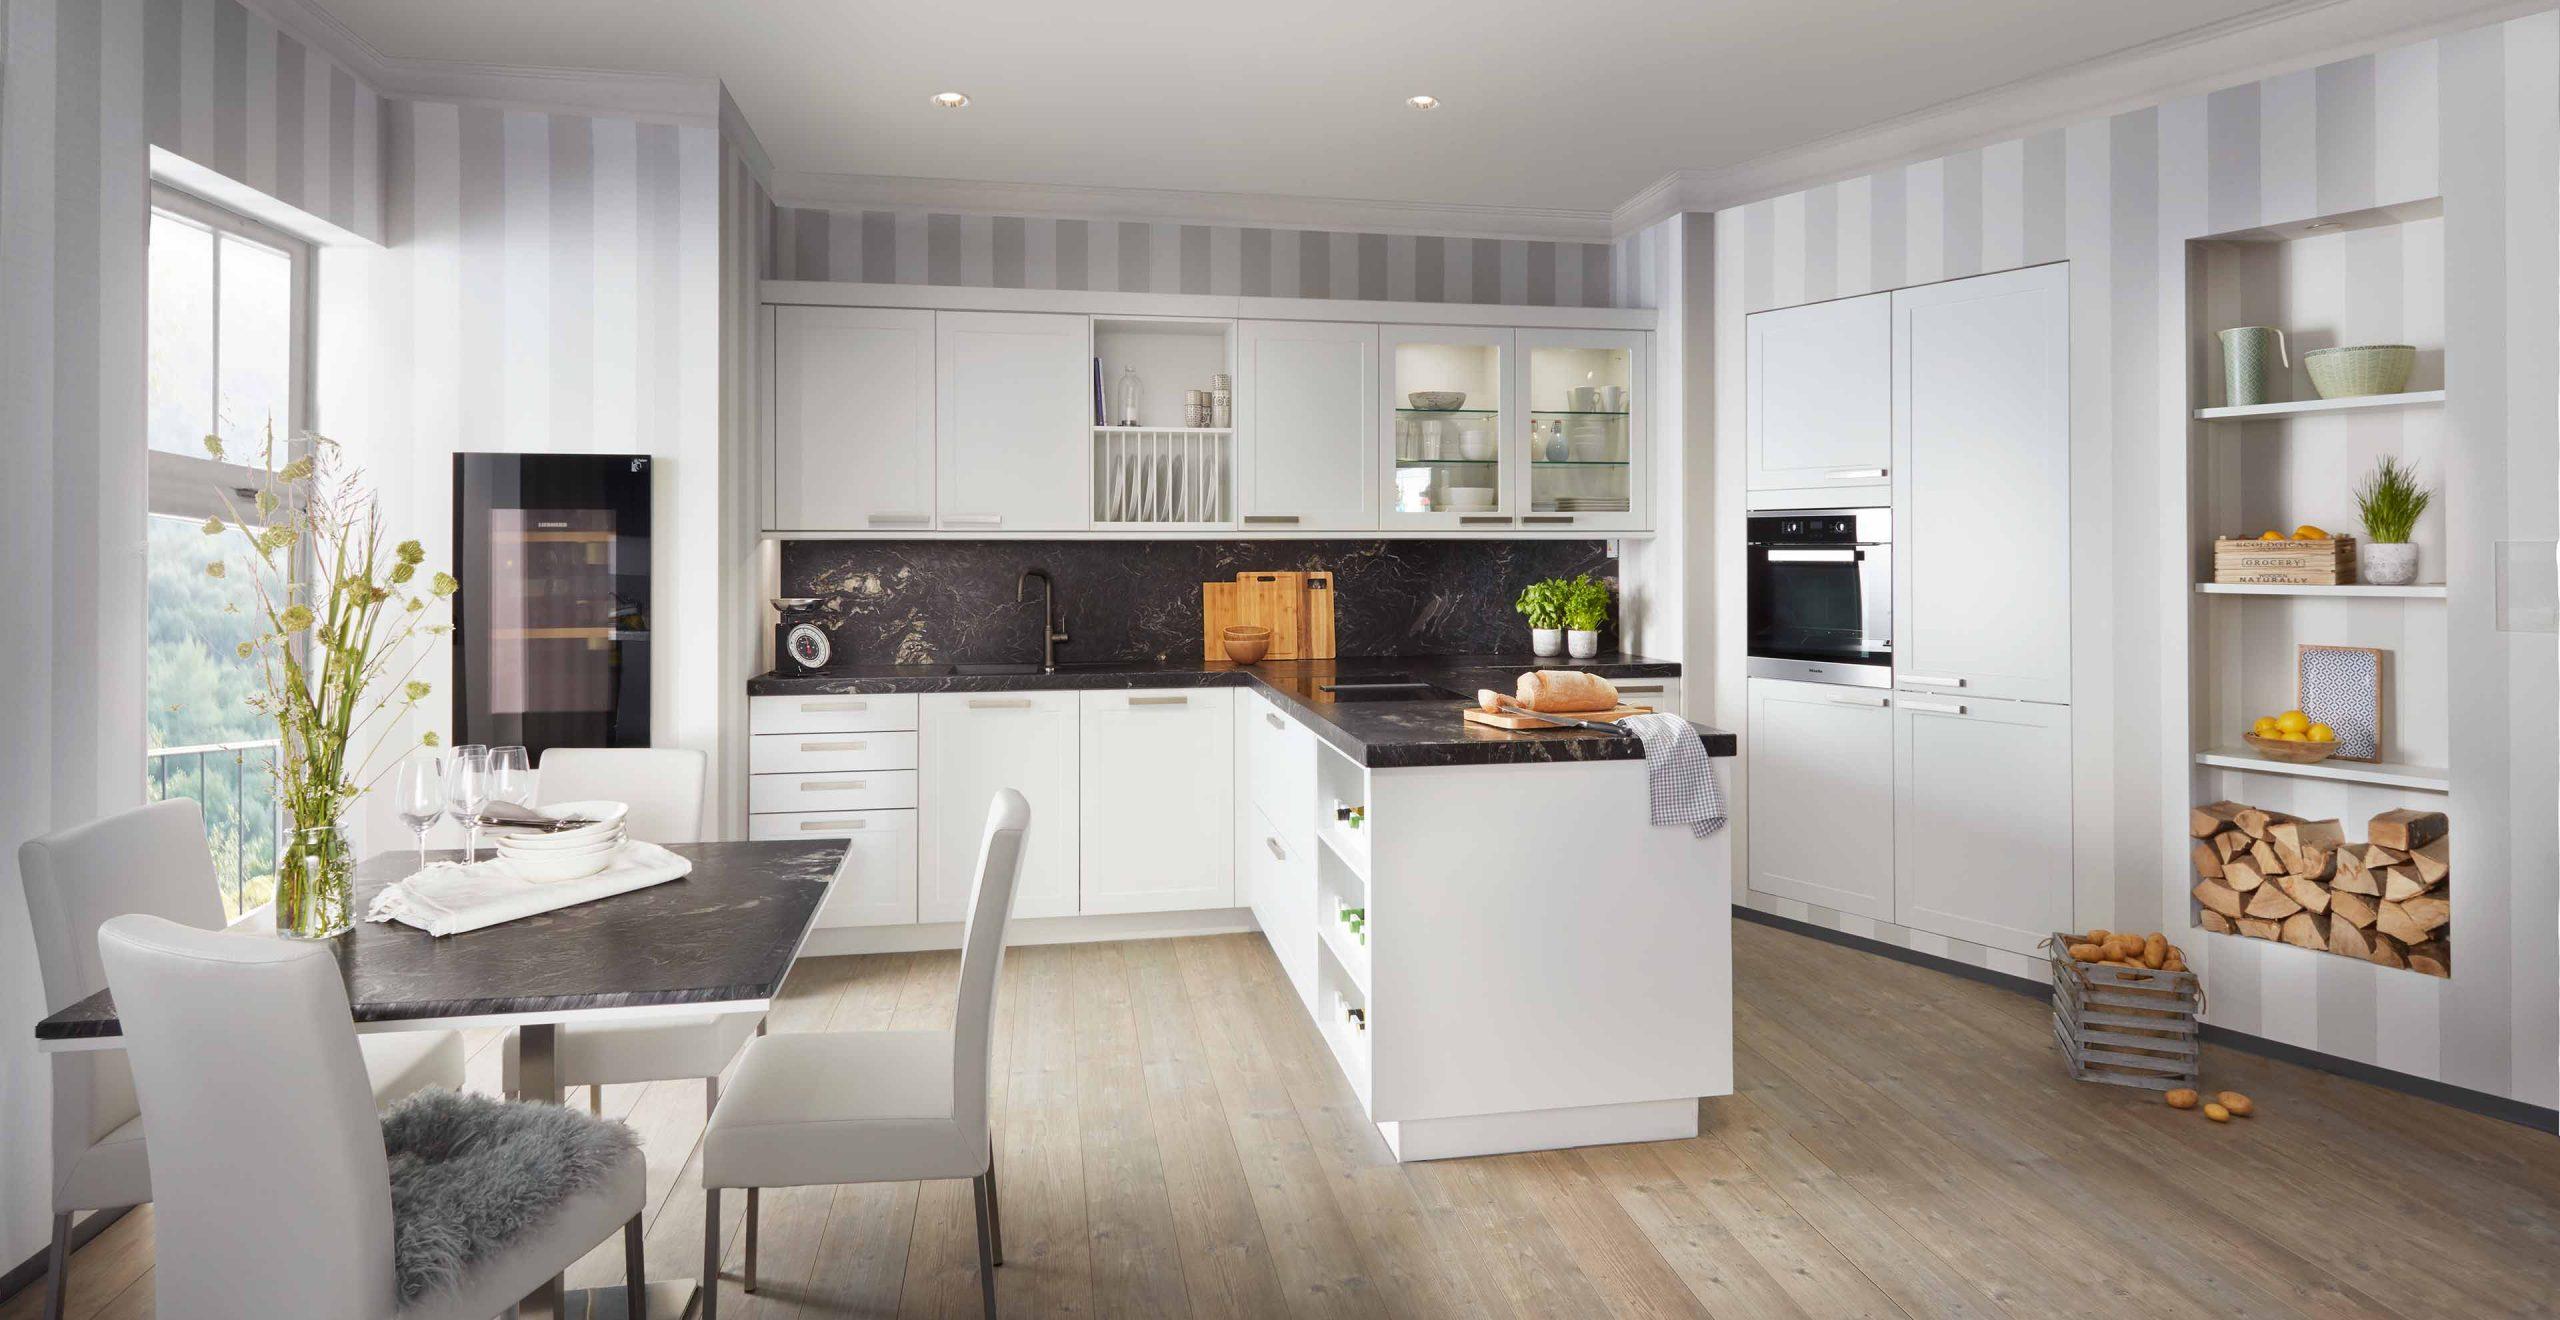 Full Size of Moderne Zweizeilige Küche Moderne Küche Kaufen Moderne Küche U Form Moderne Küche Hochglanz Weiss Küche Moderne Landhausküche